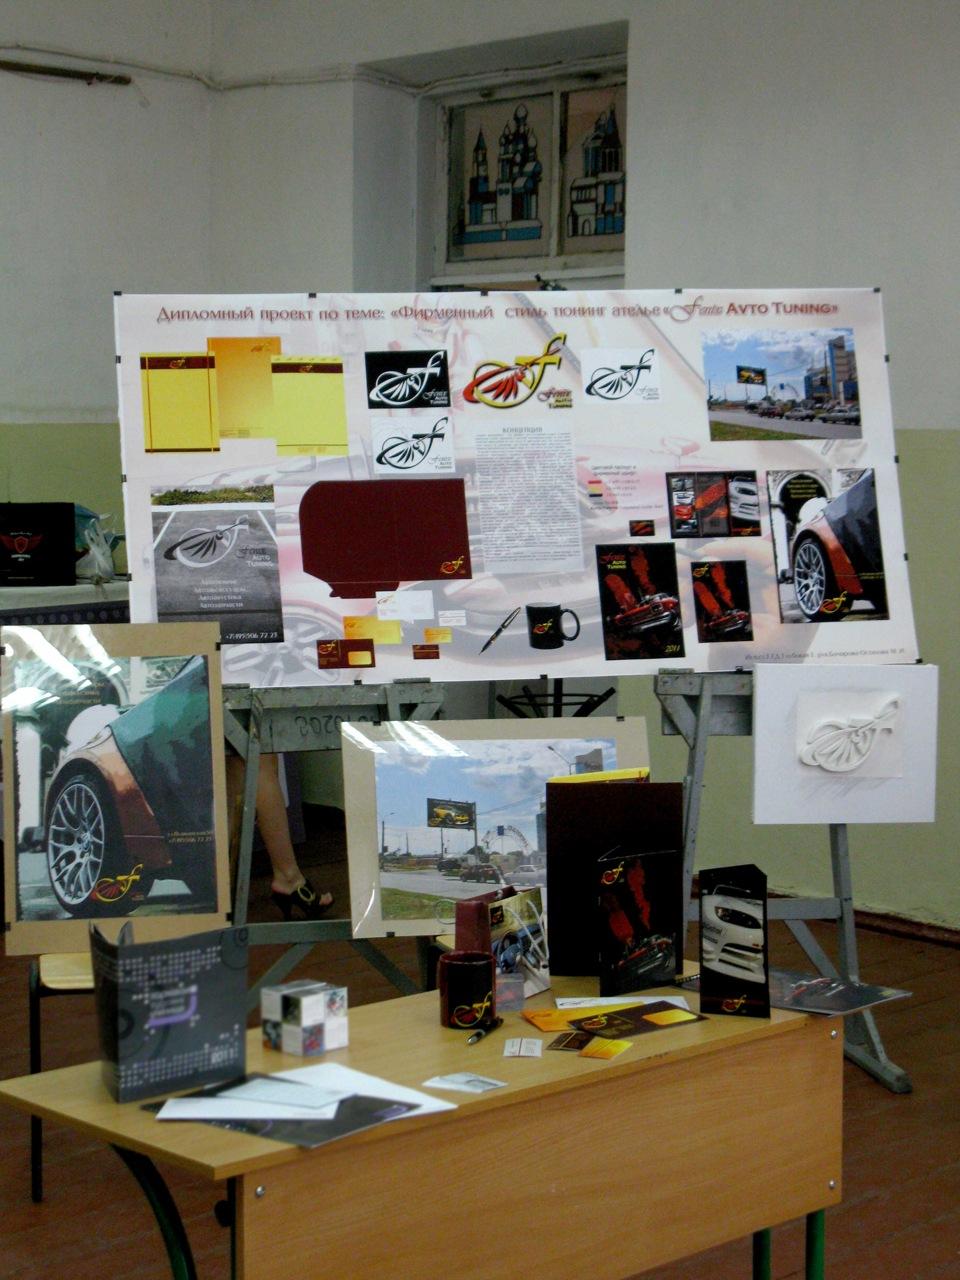 Дипломная работа Тюнинг ателье drive Фирменный стиль тюнинг ателье fenix auto tuning логотип название визитки конверты плакаты календарь кружка и т д